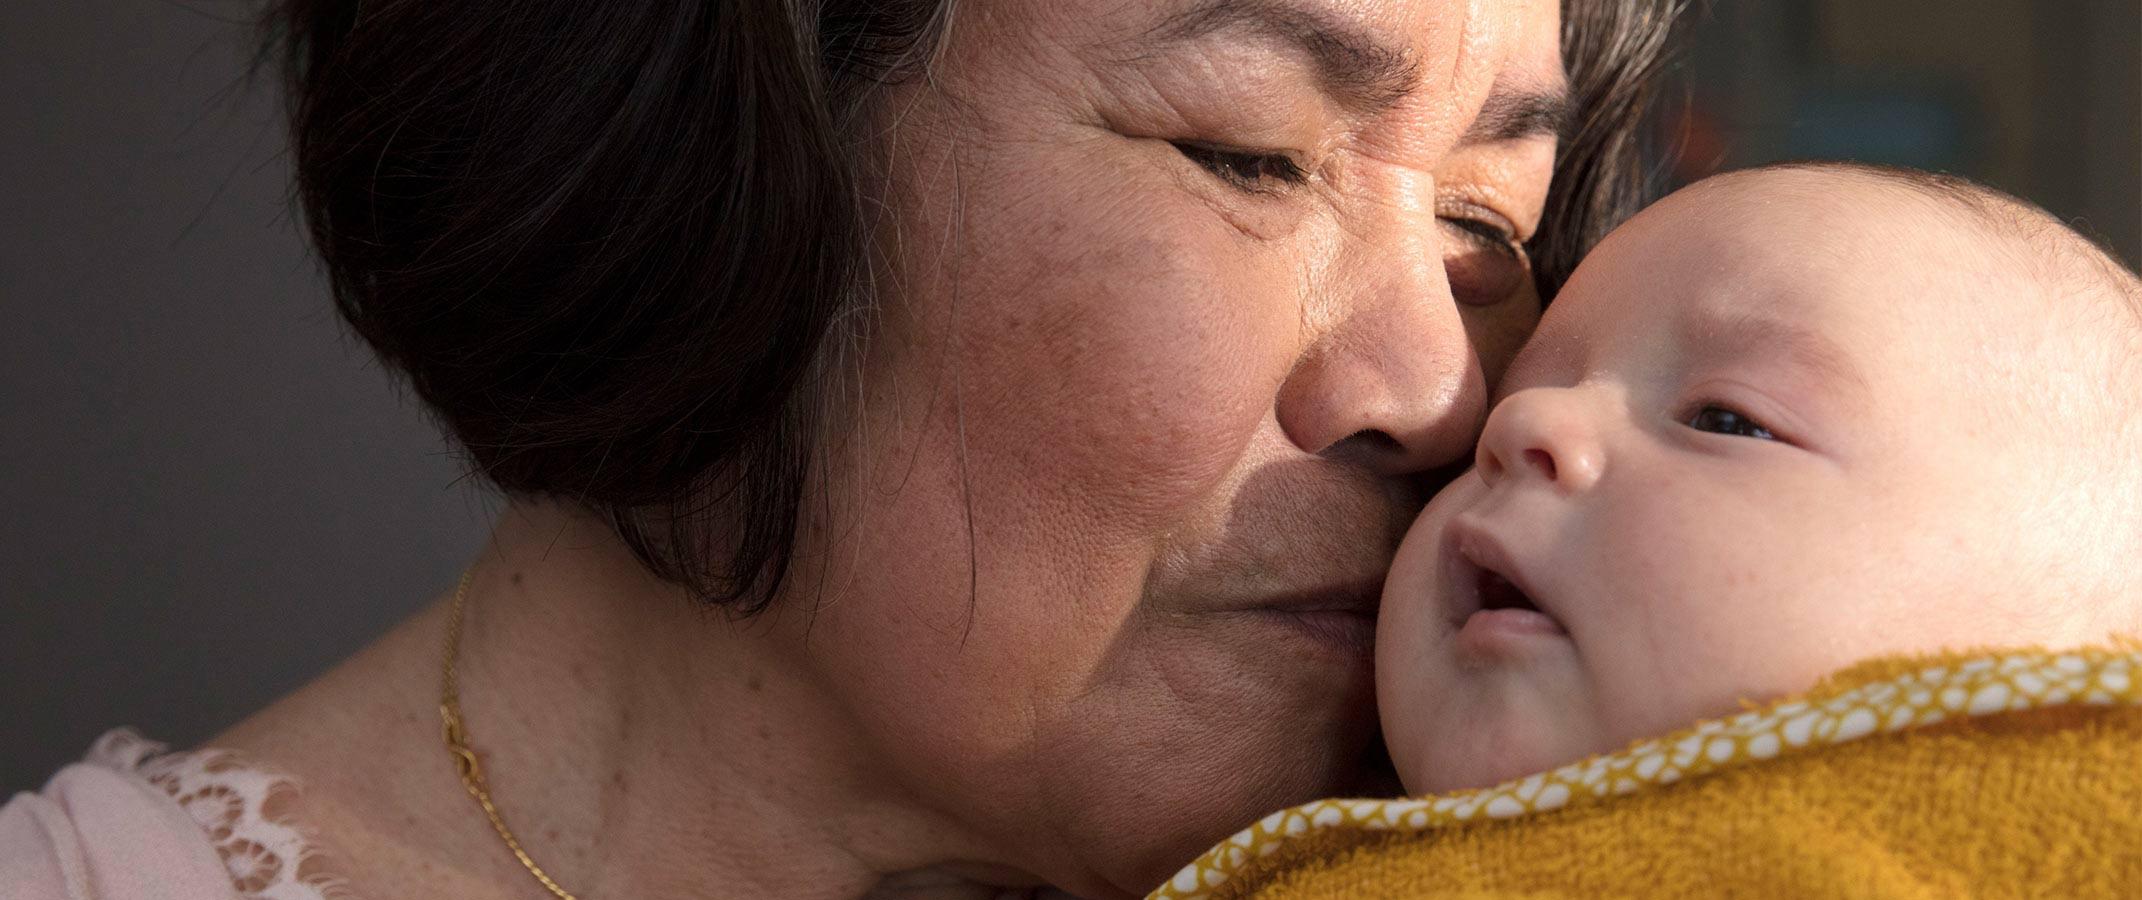 Senhora beijando recém-nascido no colo